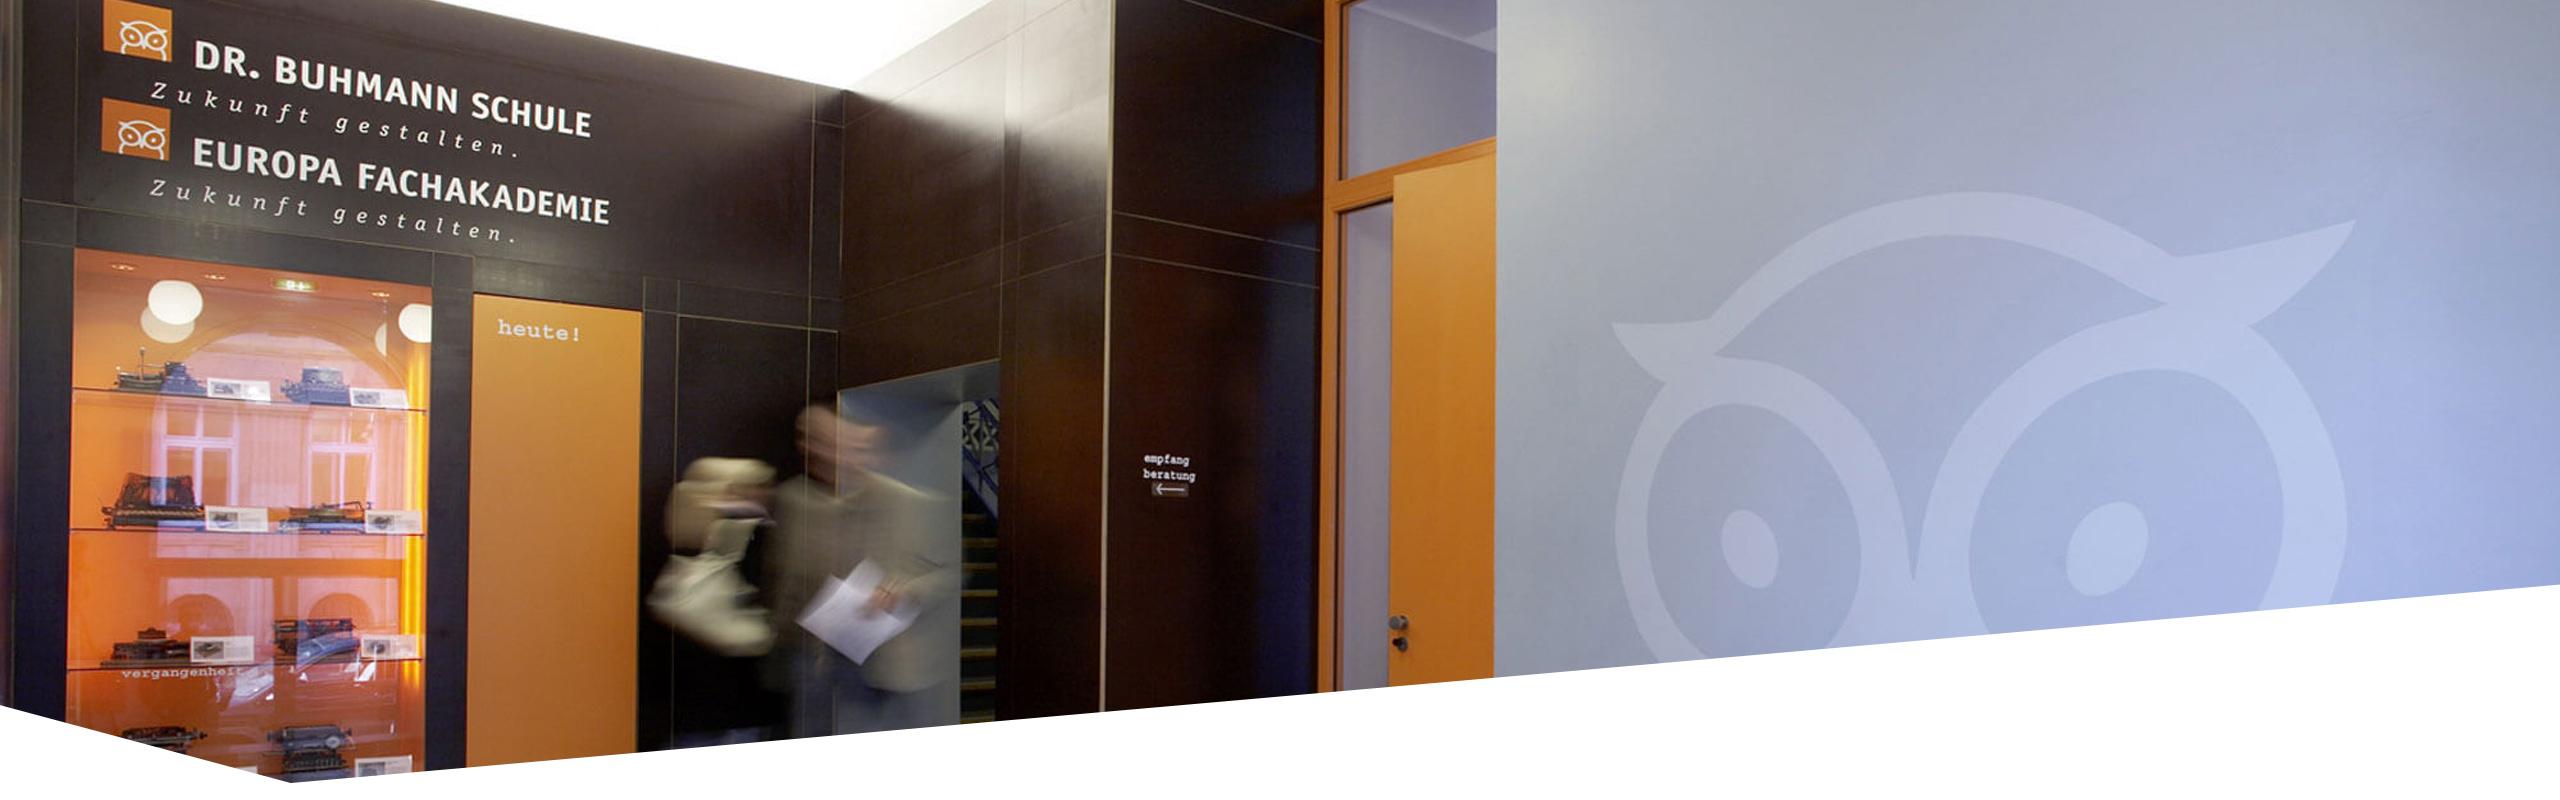 Eingangsbereich der Dr. Buhmann Schule